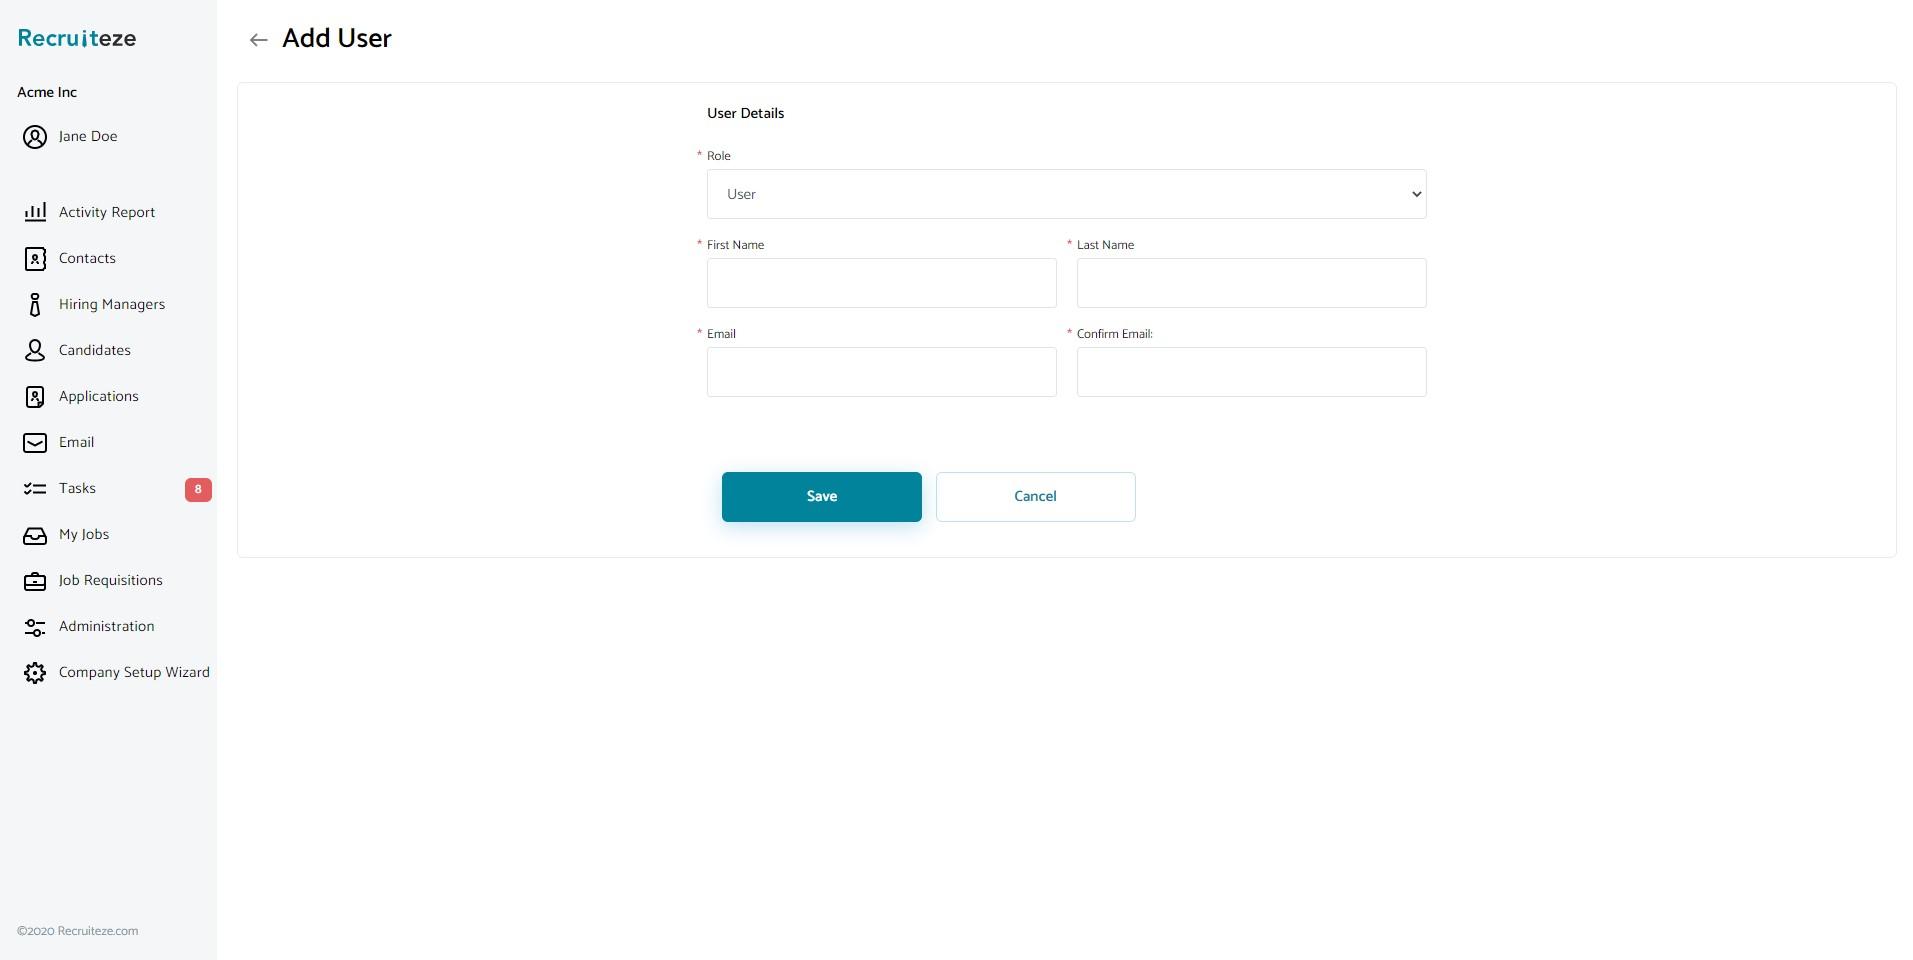 Recruiteze: Add user view